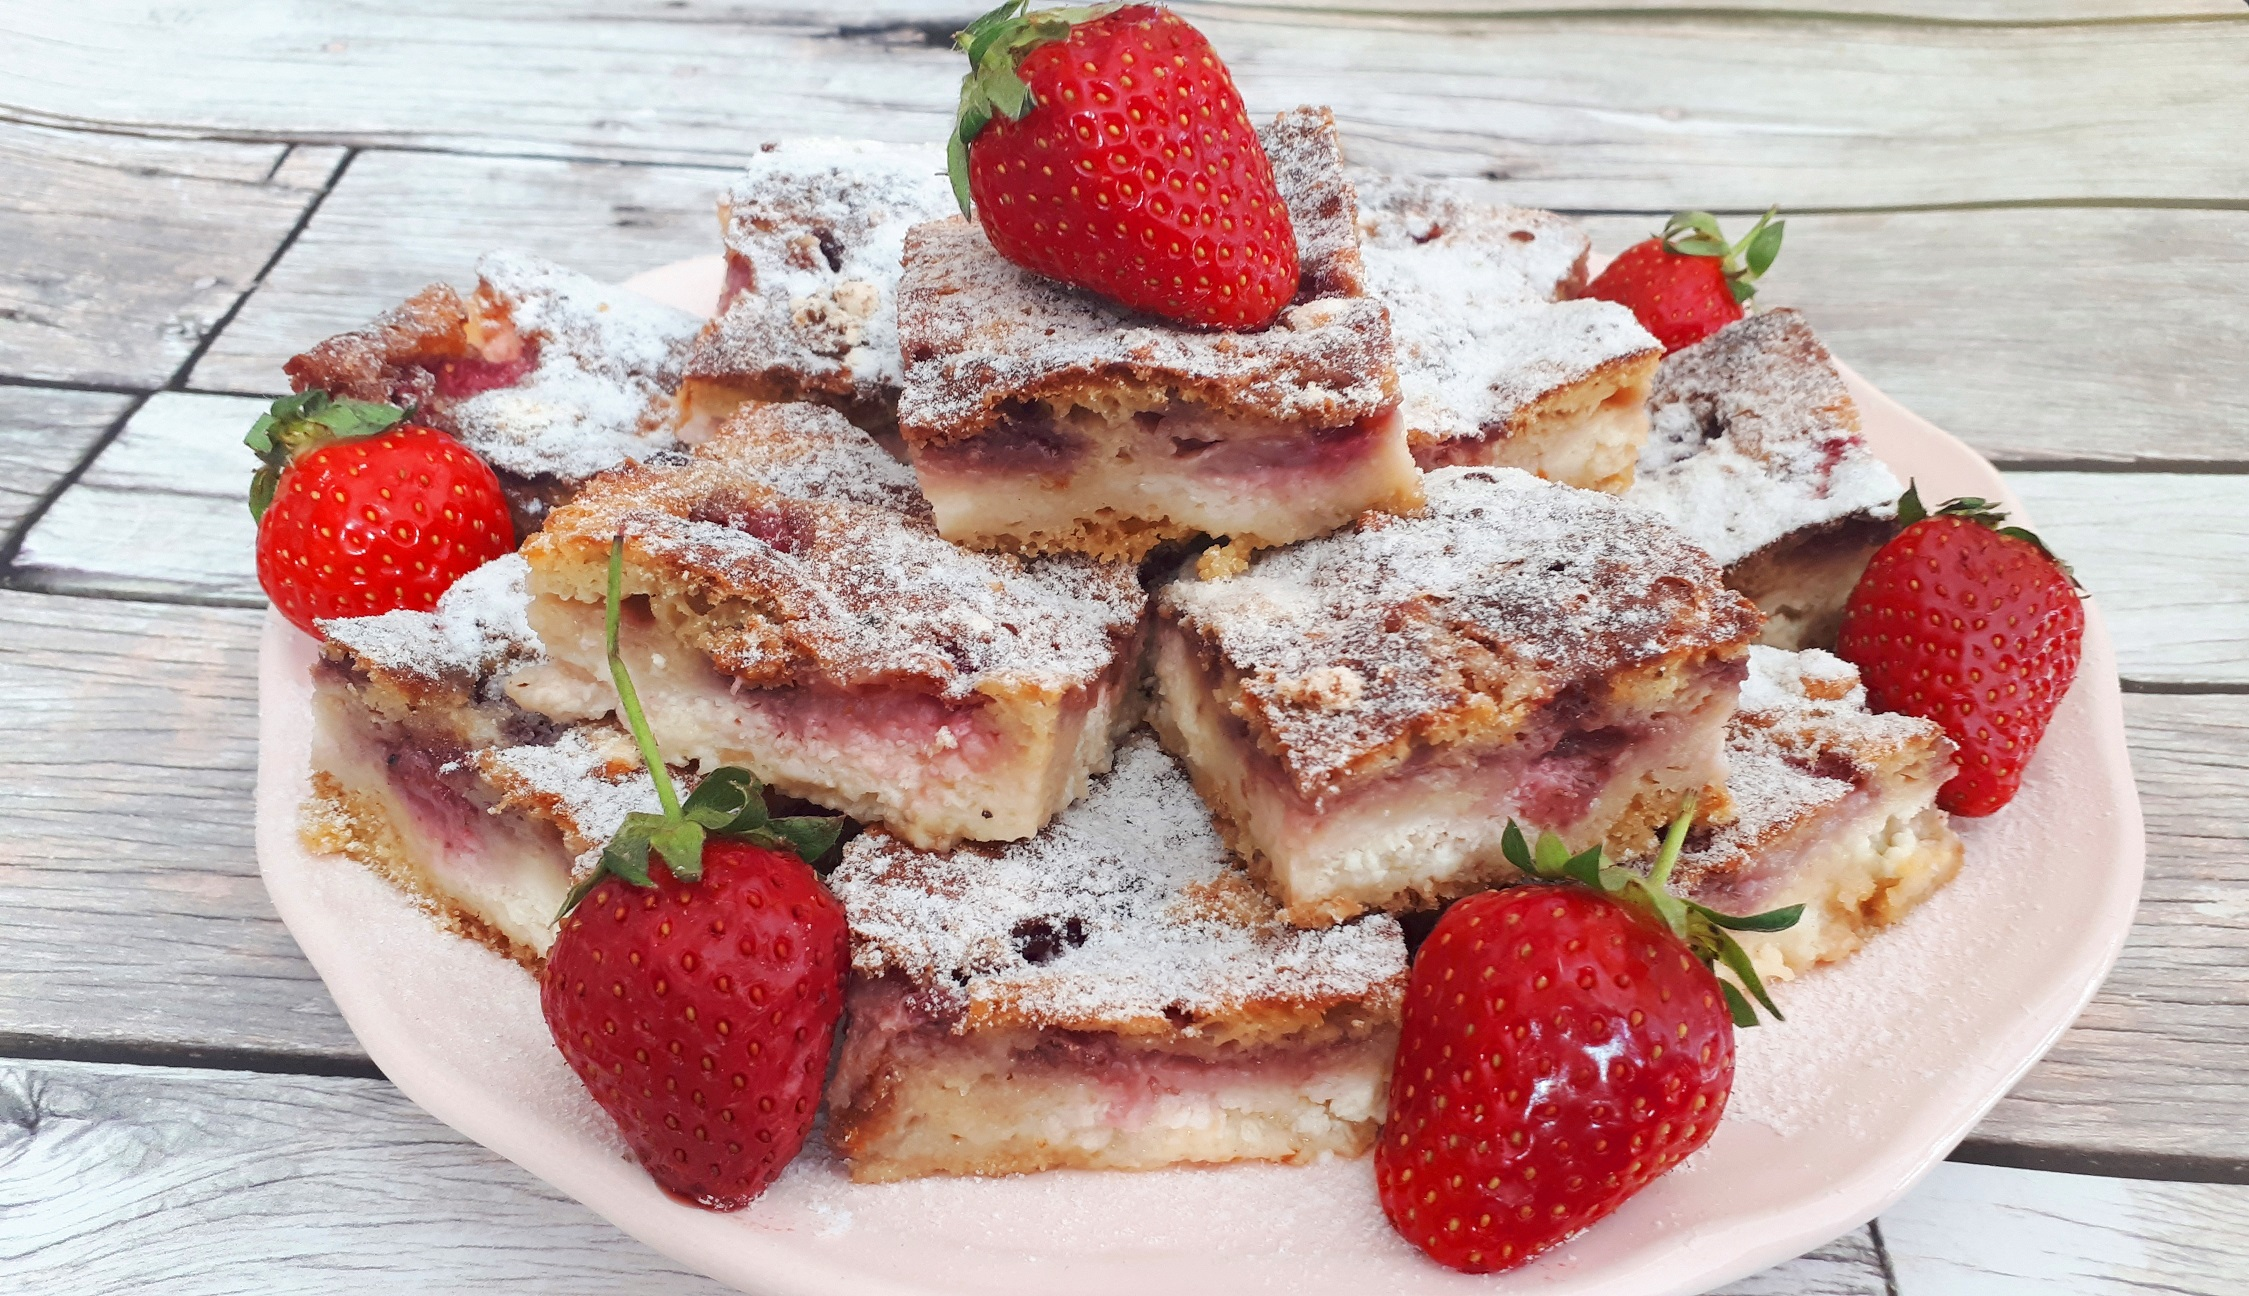 Lusta asszony 5 perces diétás túrós süti receptje